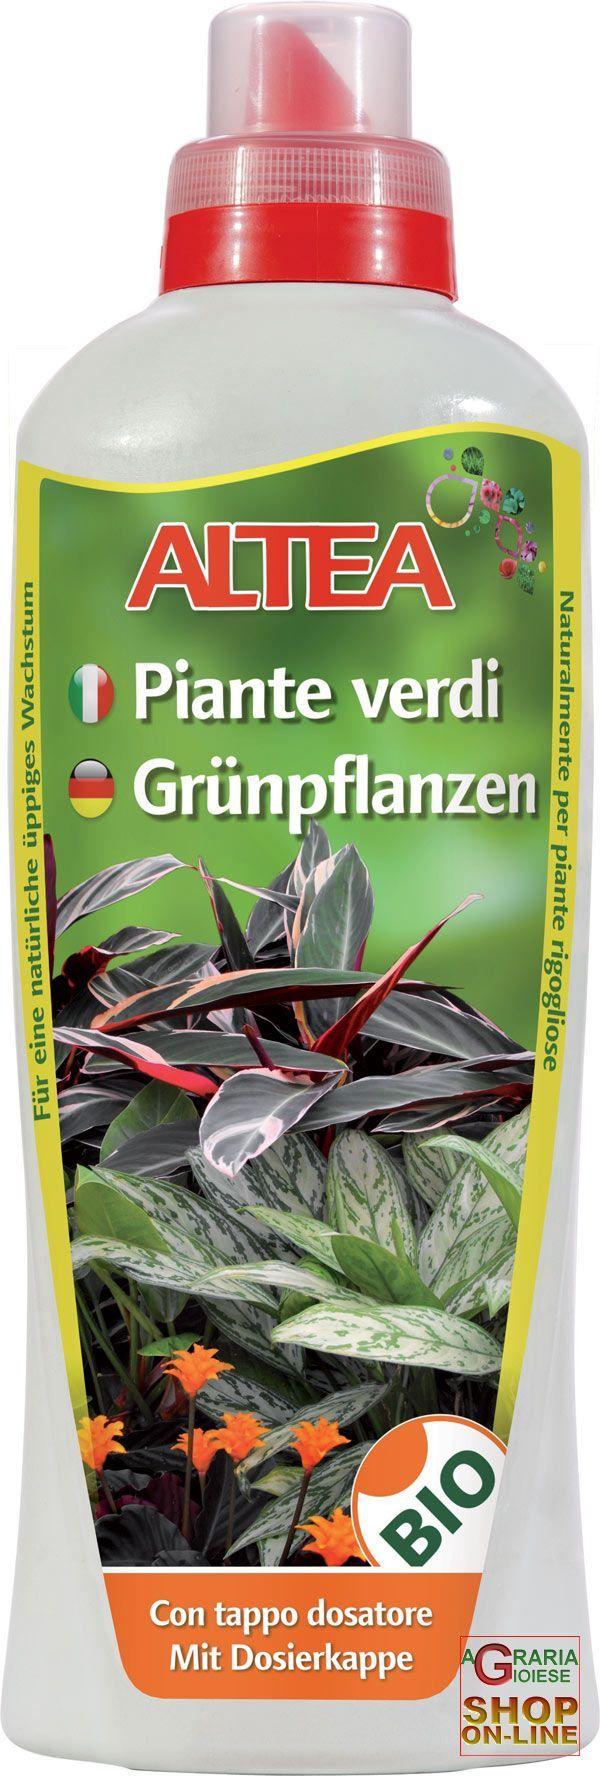 ALTEA PIANTE VERDI LIQUIDO CONCIME ORGANICO LIQUIDO PER PIANTE VERDI ORNAMENTALI 1 L https://www.chiaradecaria.it/it/altea/453-altea-piante-verdi-liquido-concime-organico-liquido-per-piante-verdi-ornamentali-1-l-8033331133798.html